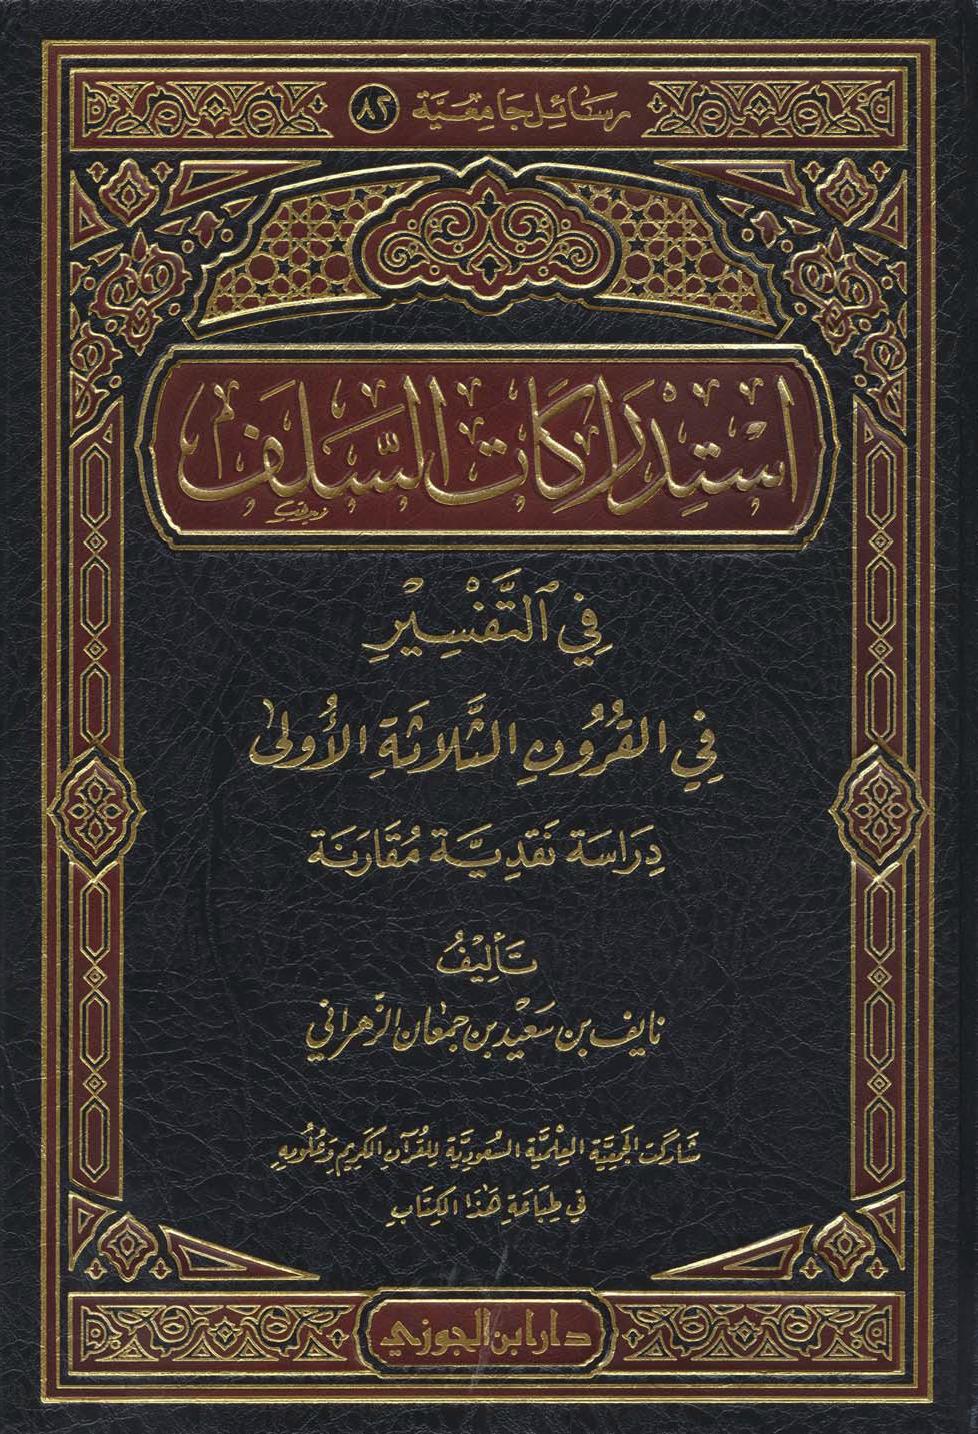 تحميل كتاب استدراكات السلف في التفسير في القرون الثلاثة الأولى (دراسة نقدية مقارنة) لـِ: الدكتور نايف بن سعيد بن جمعان الزهراني